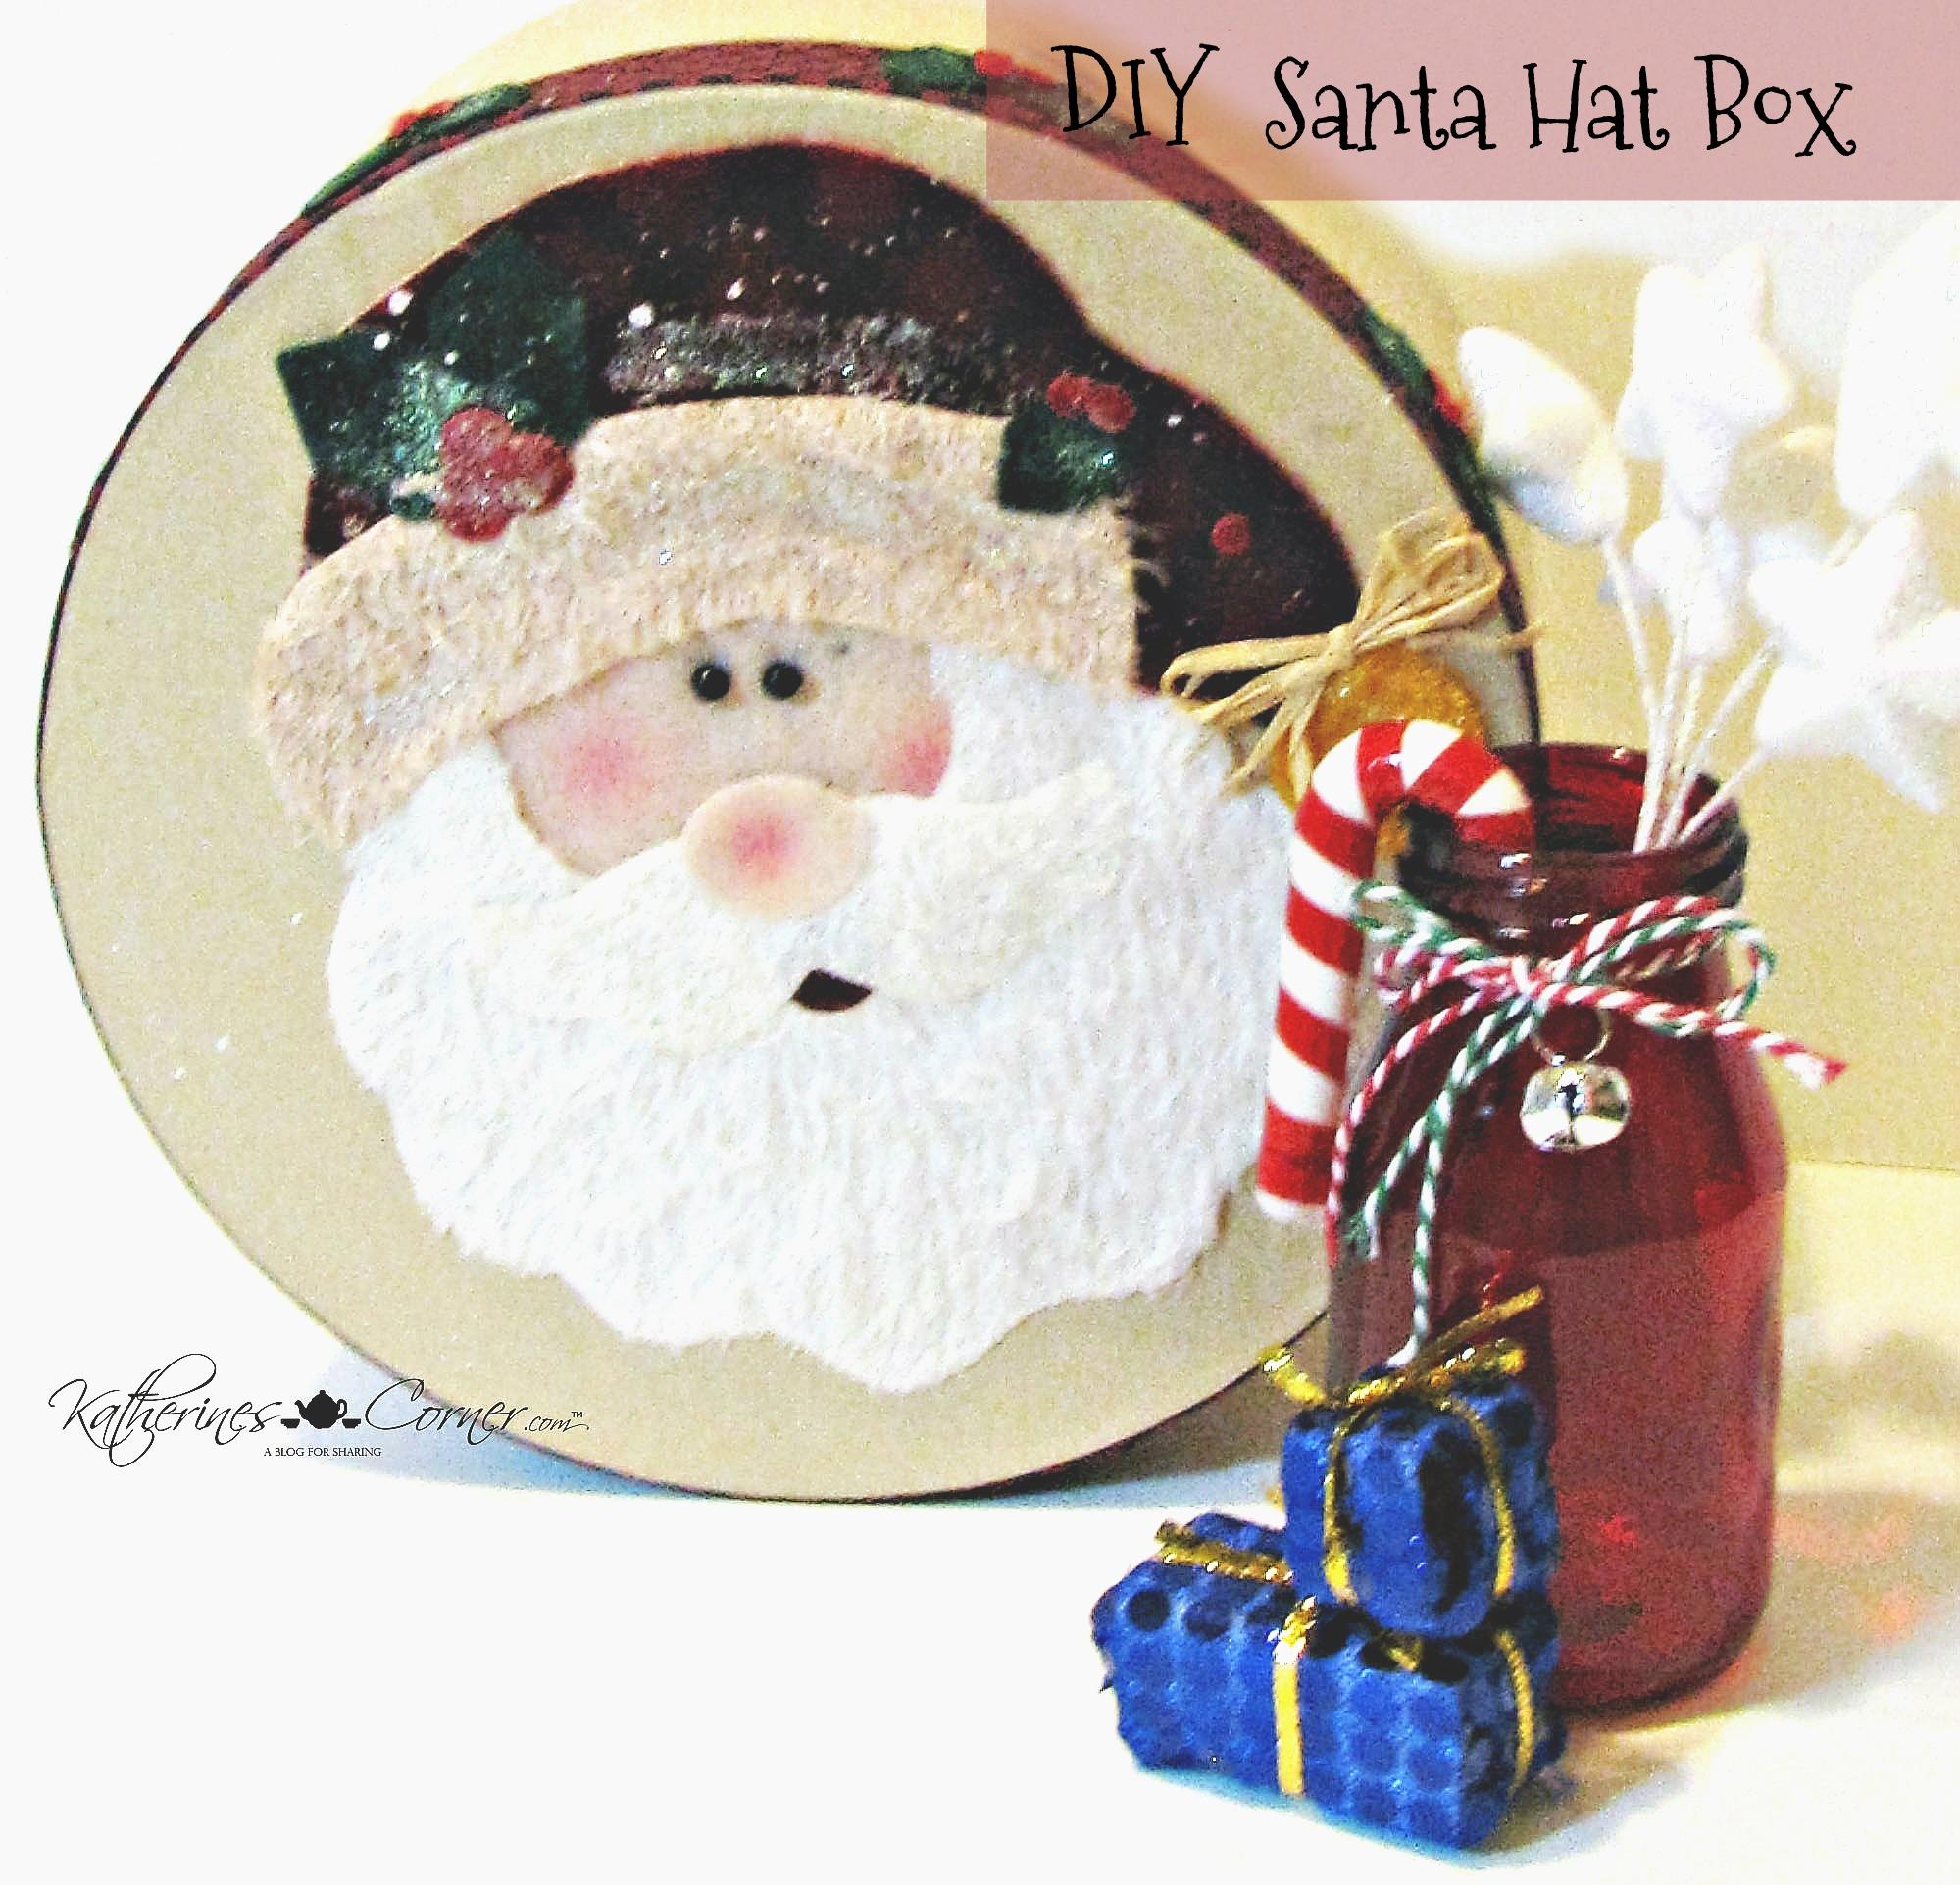 DIY Santa Hat Box